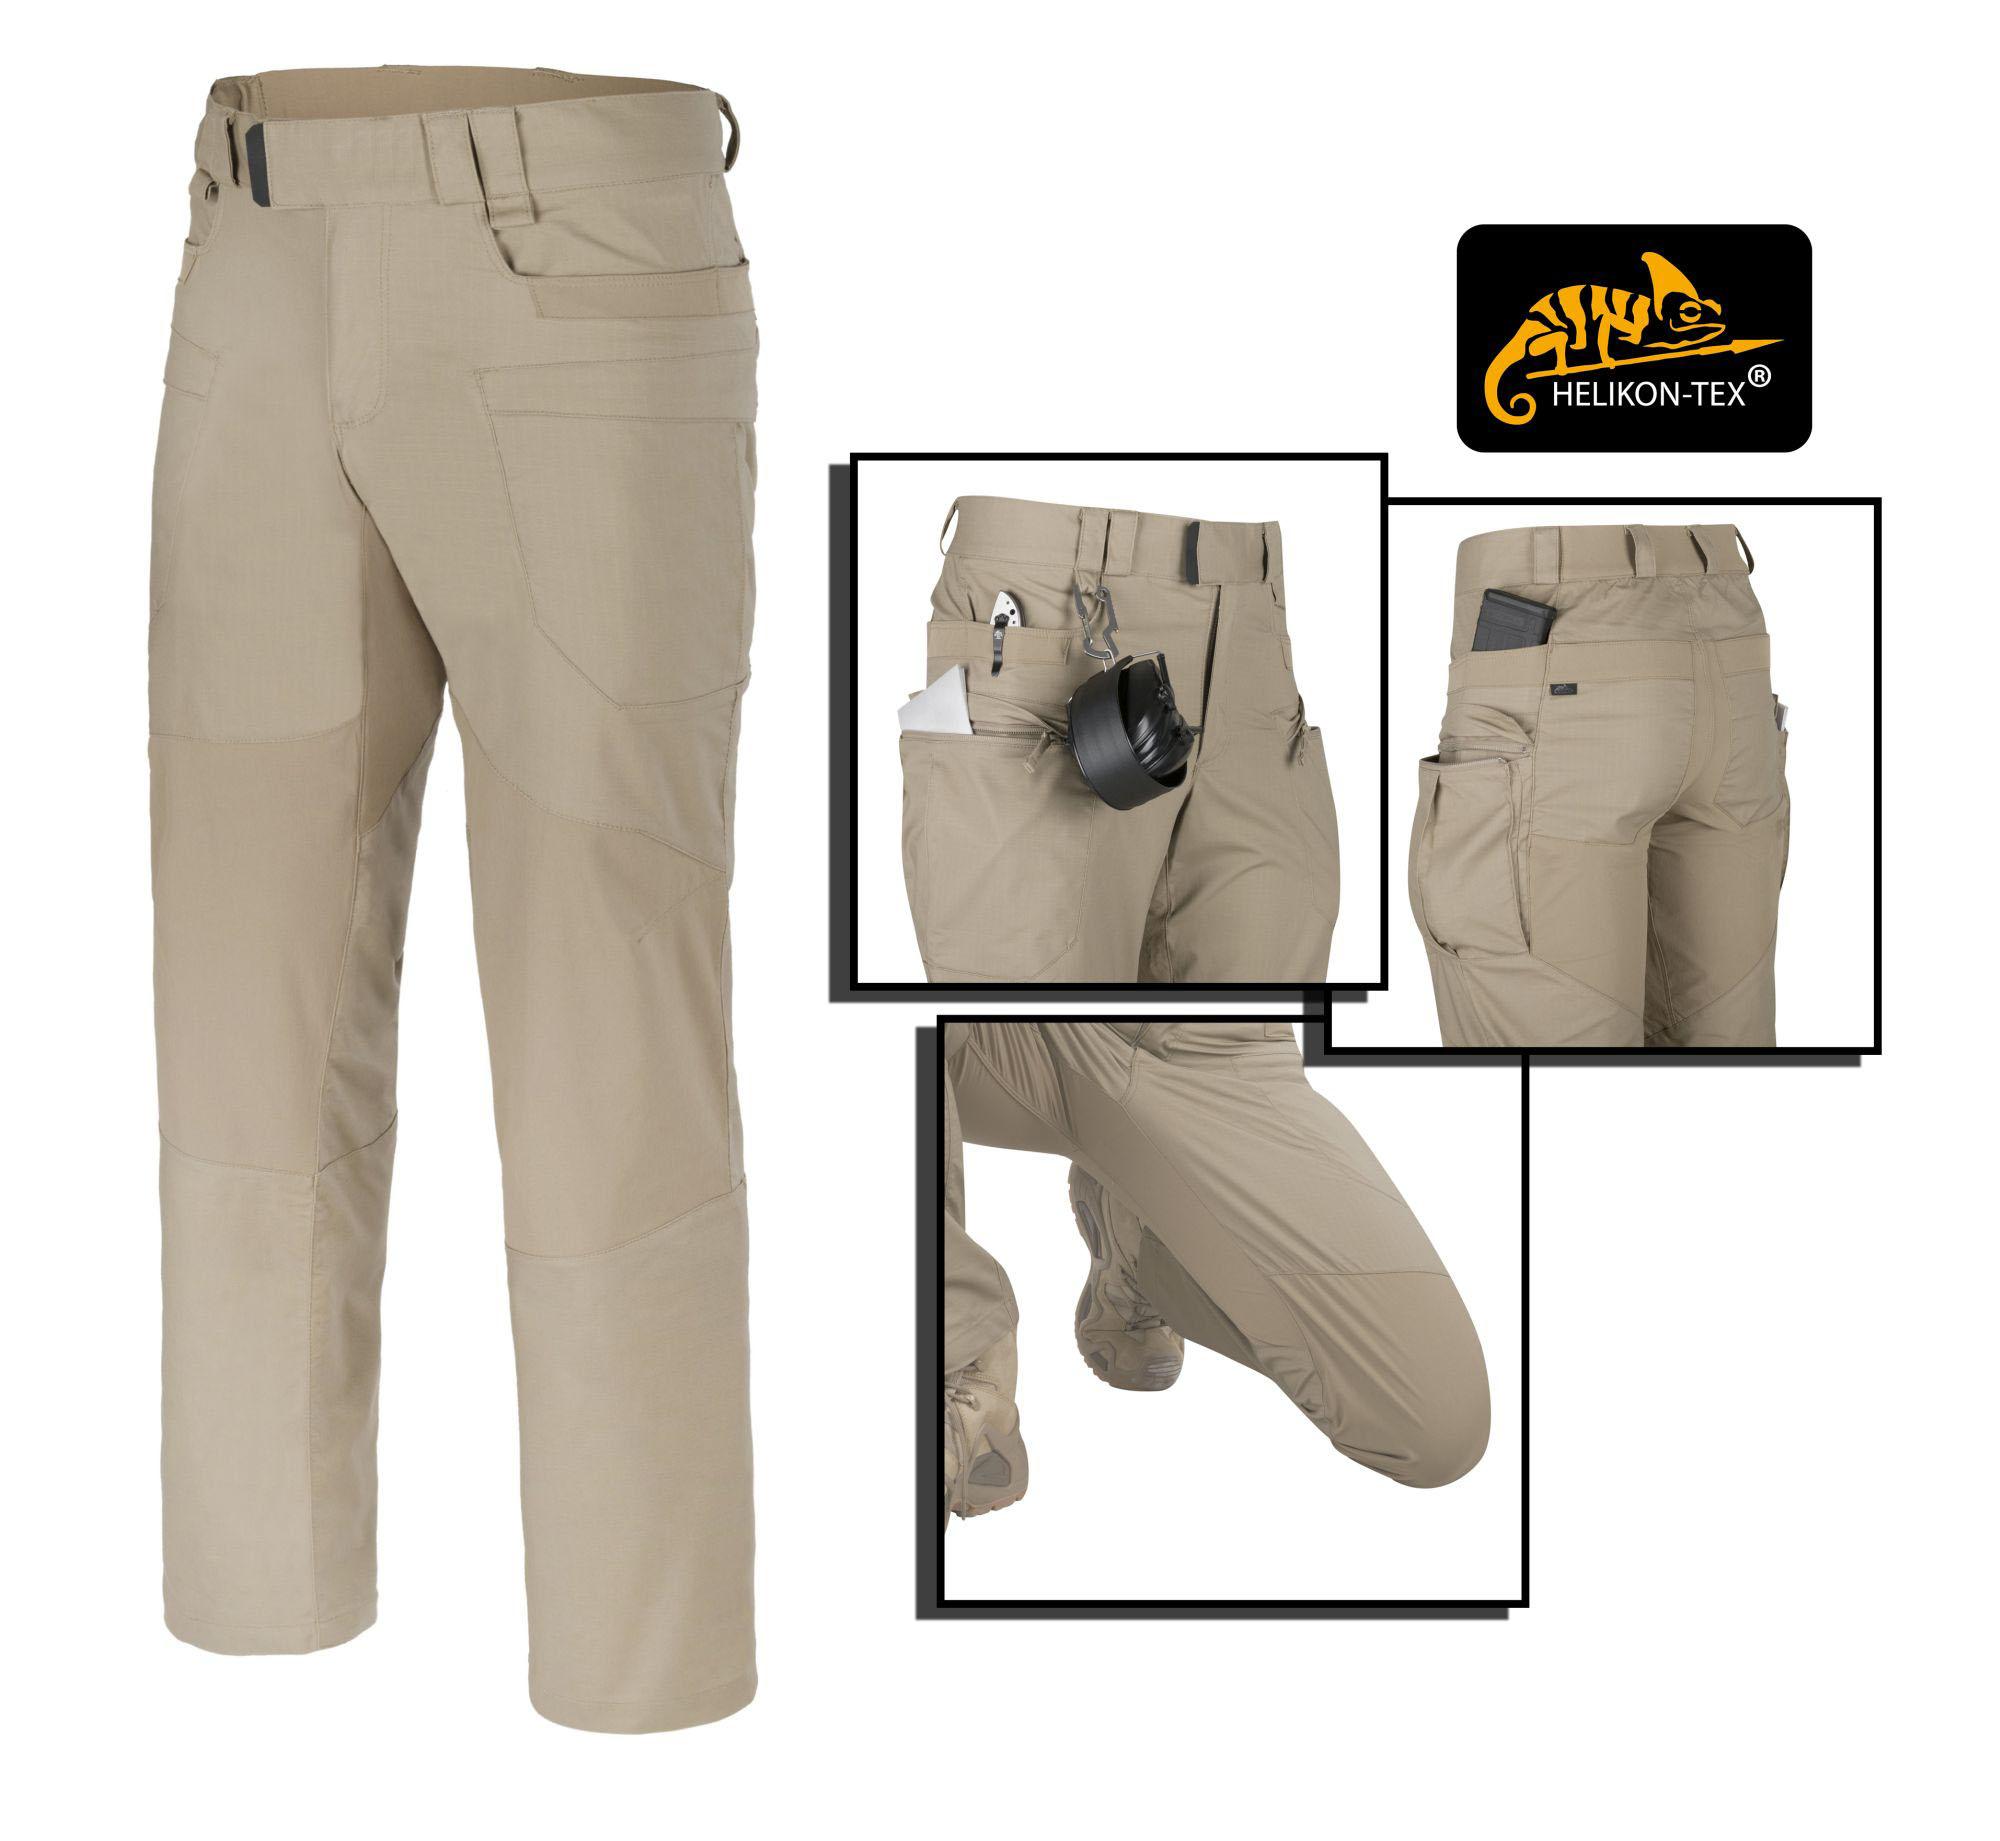 Spodnie_Heikon_Hybrid_Tactical_2.jpg